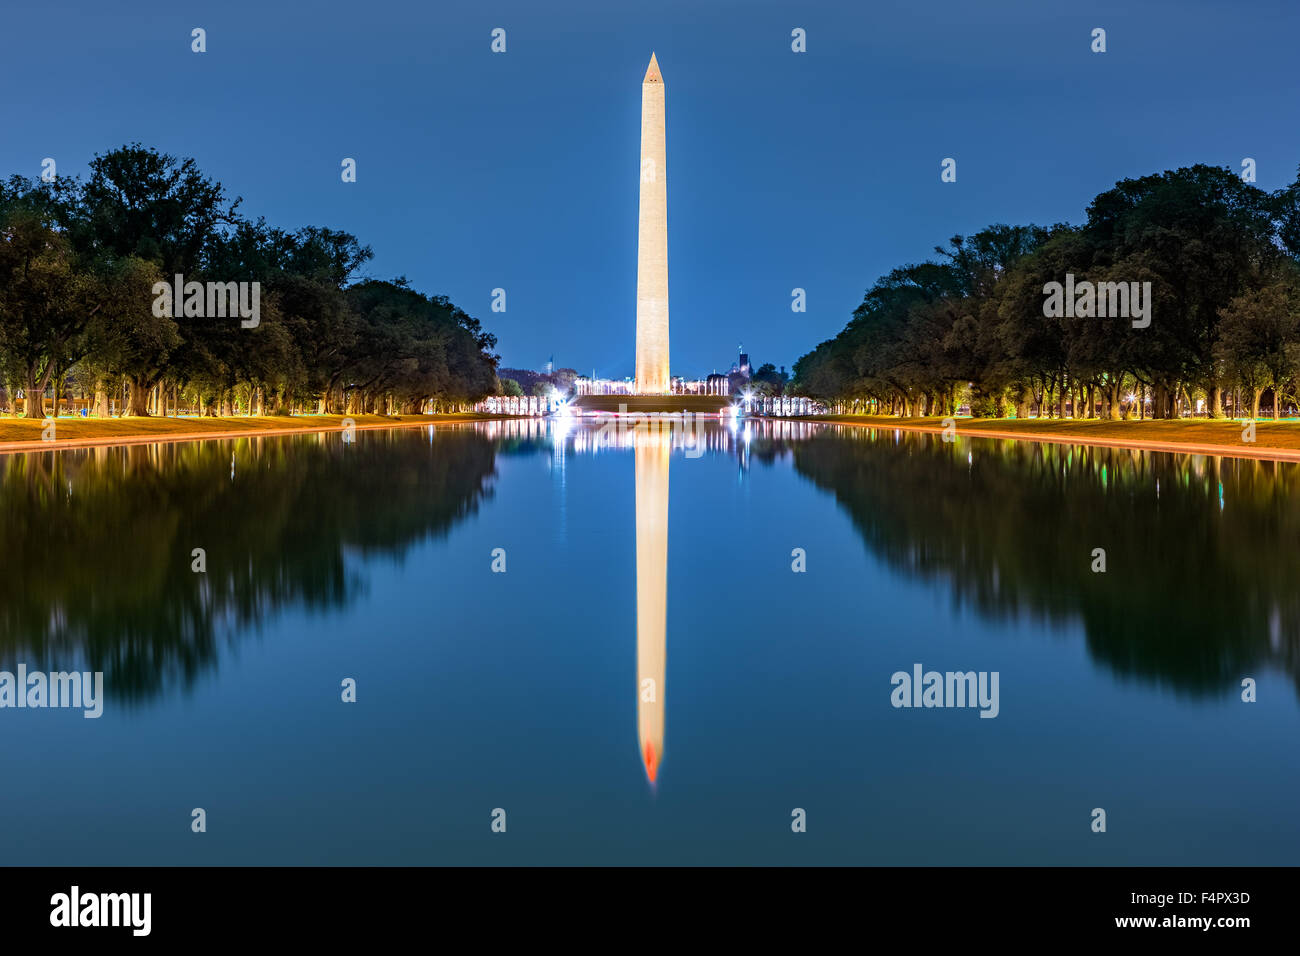 Il Monumento a Washington, specchiato in stagno riflettente Immagini Stock